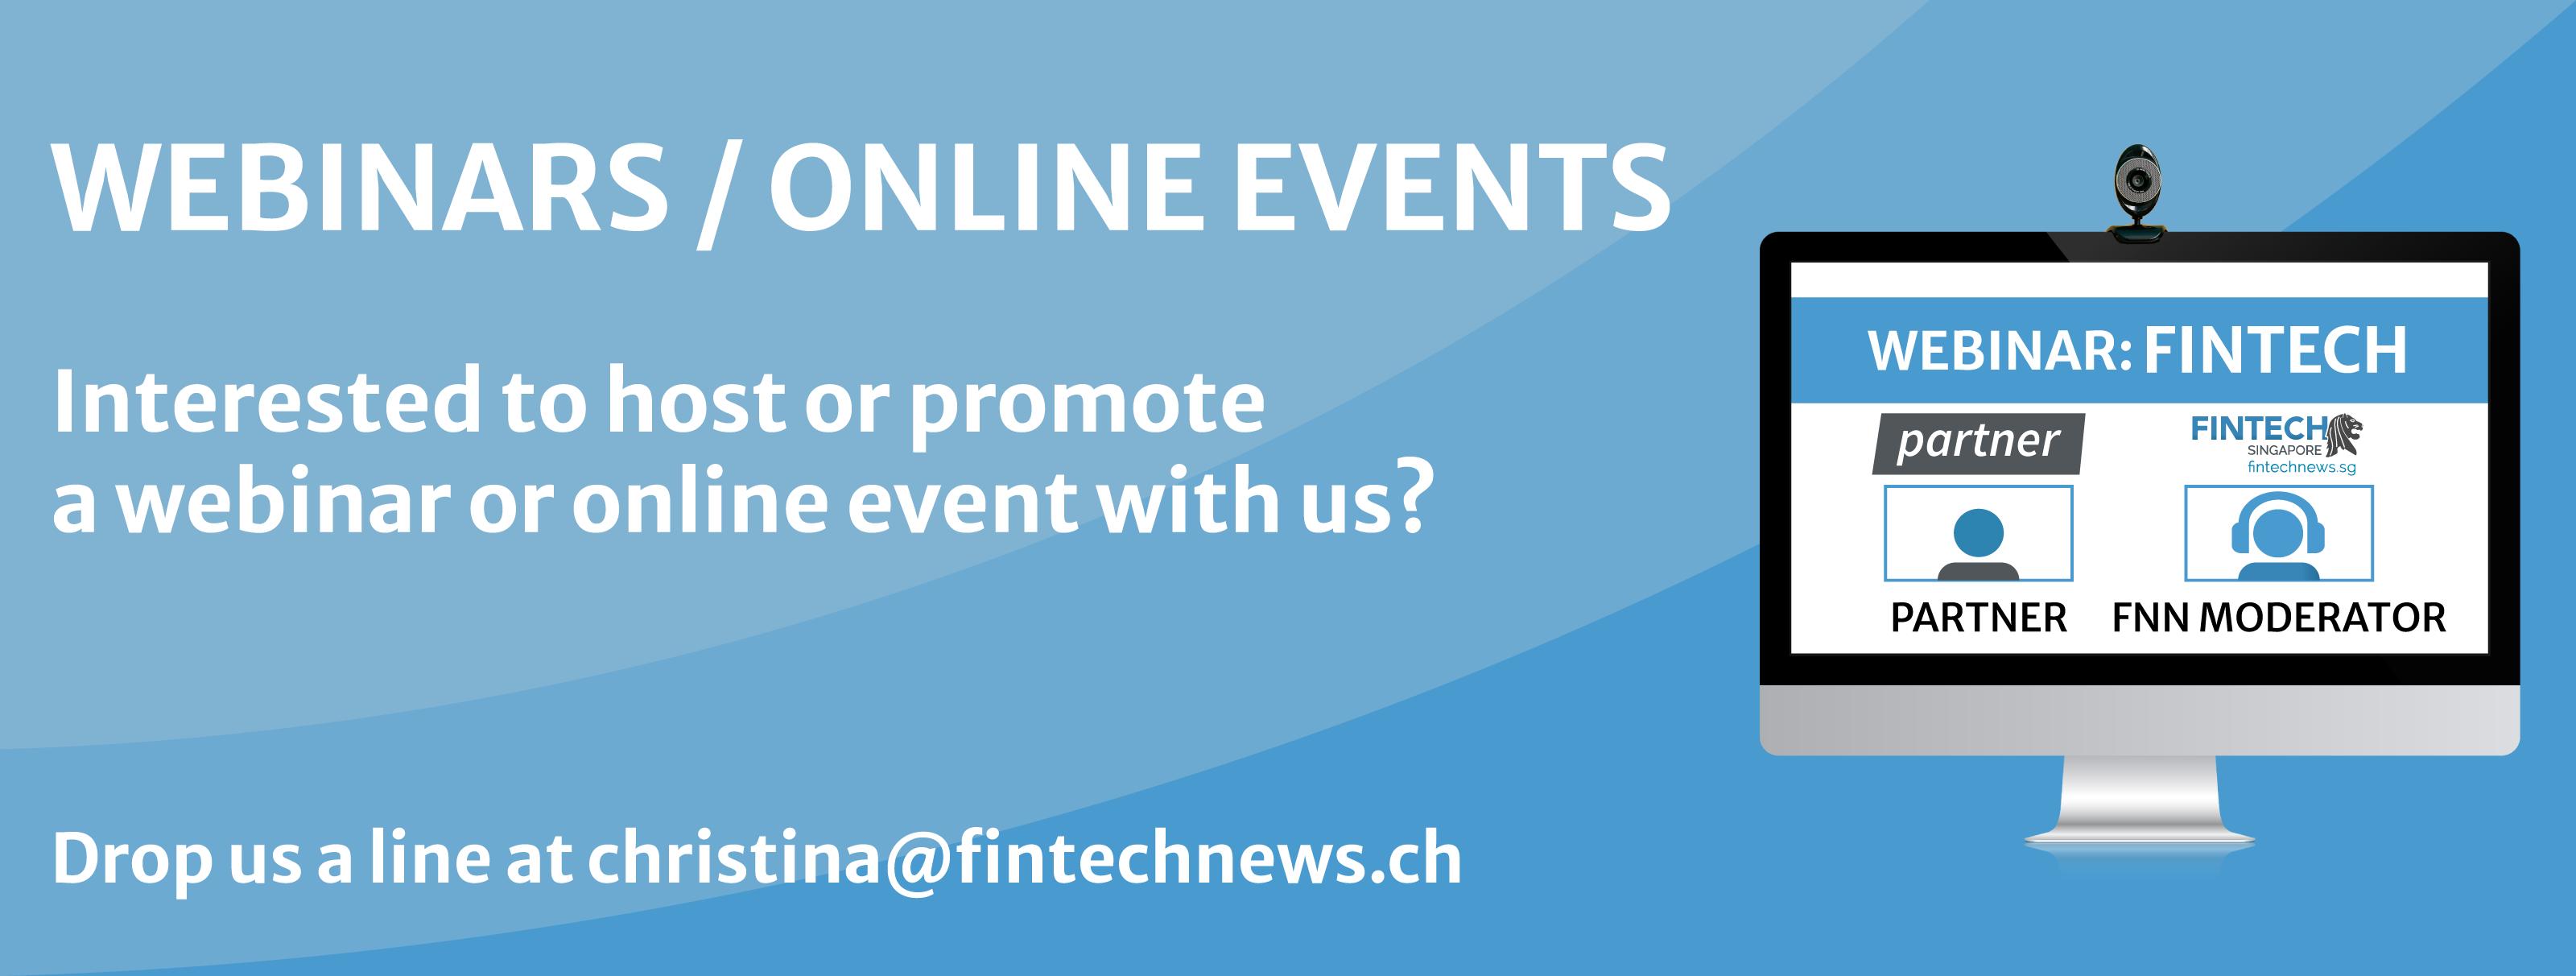 fintech-online-events-webinars-page